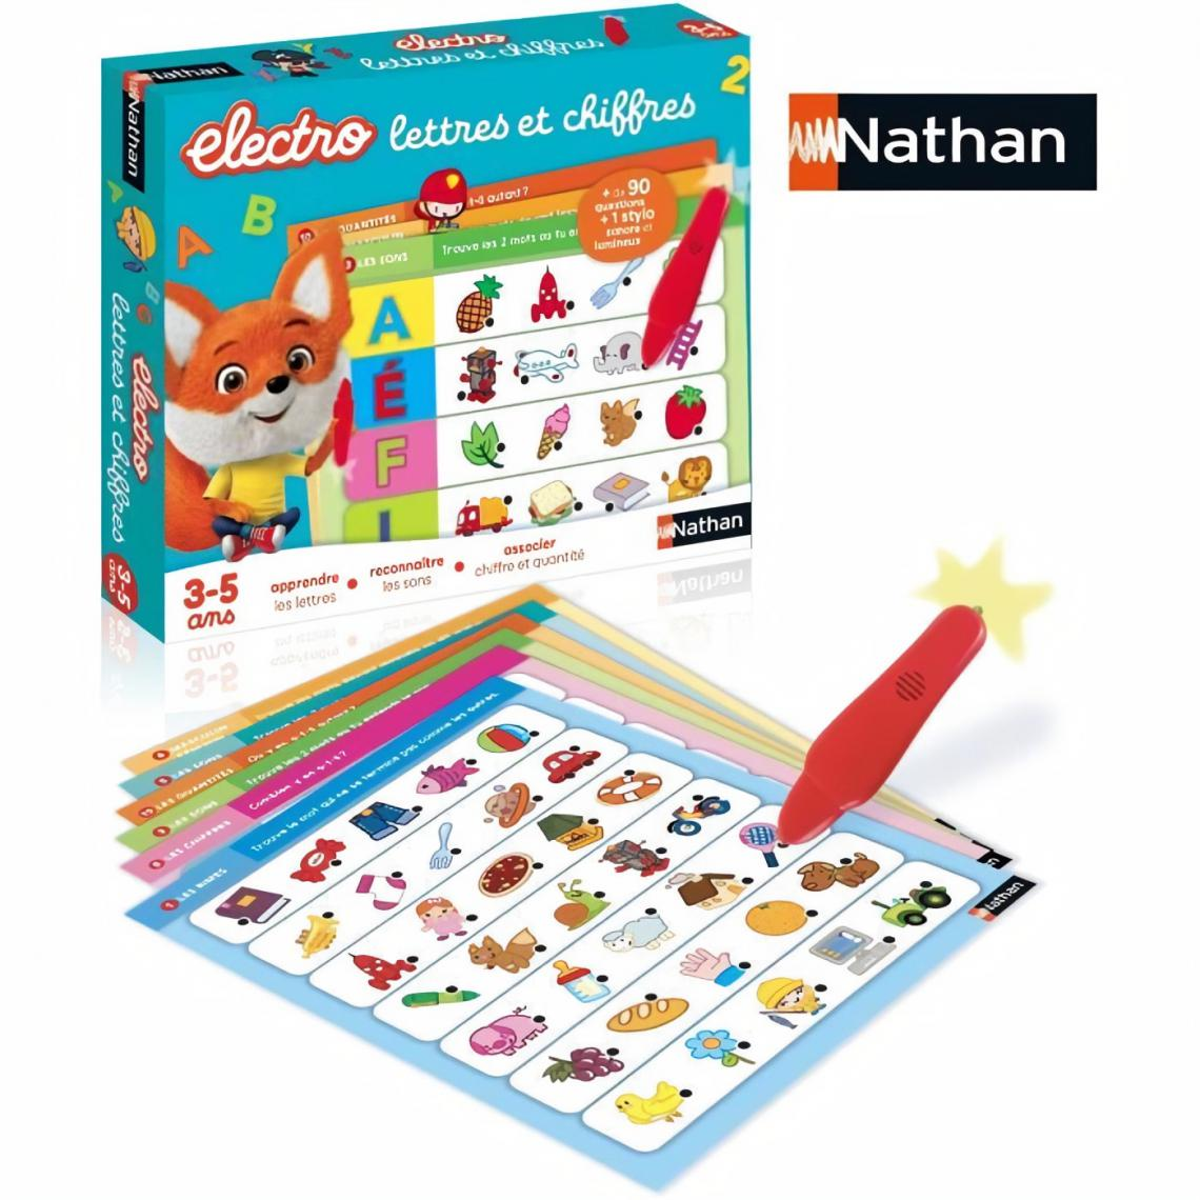 Nathan Nathan Electro - Lettres et Chiffres, jeu éléctronique